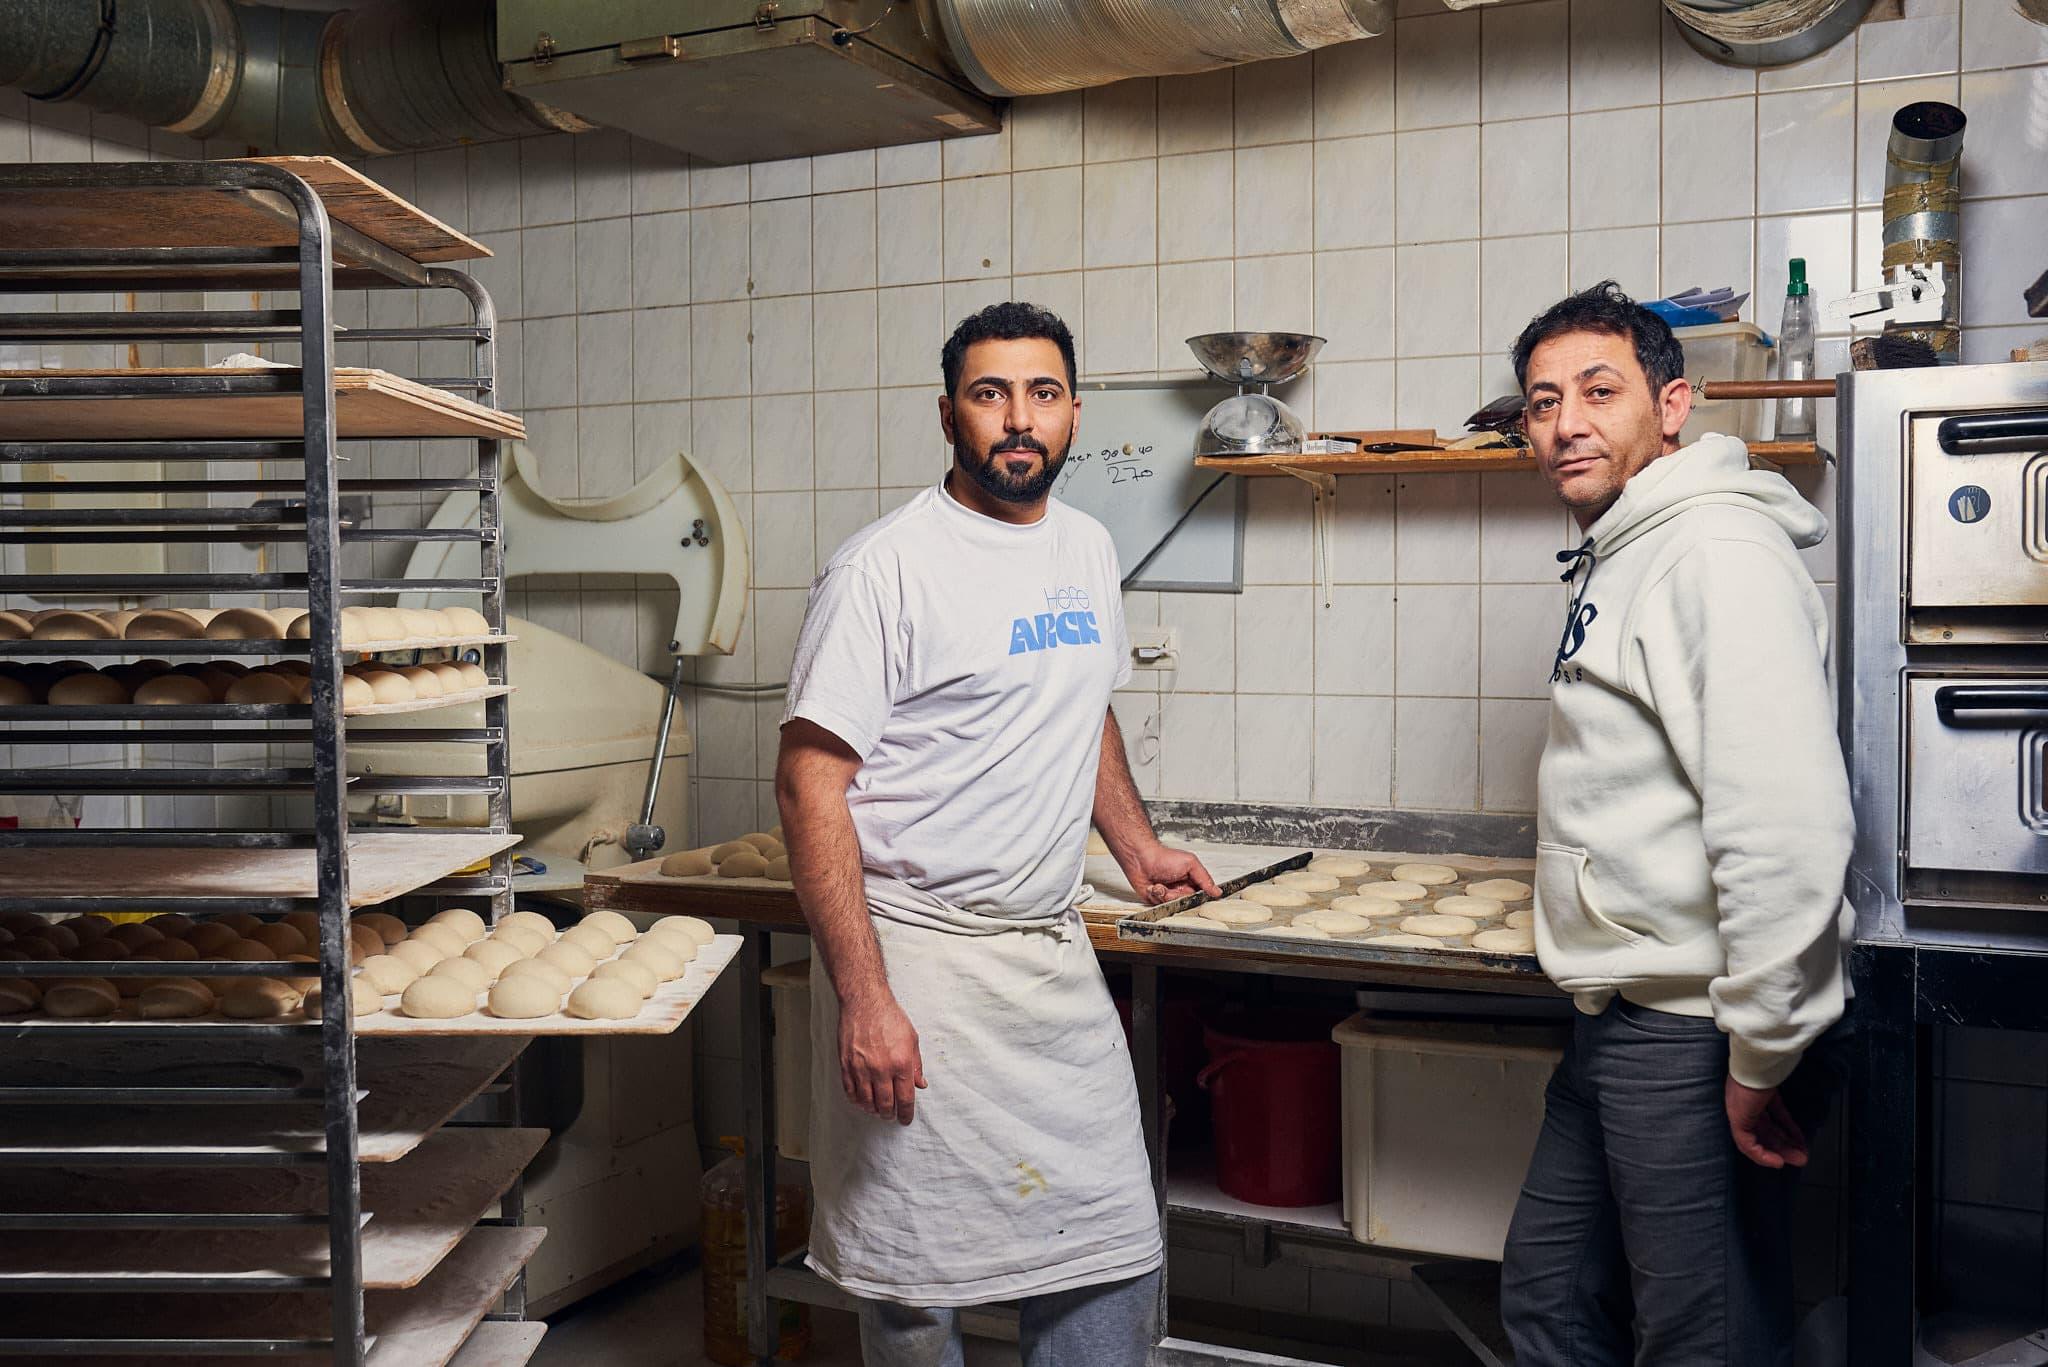 In der Backstube der Bäckerei Sila, der Geschäftsführer und sein Angestellter.